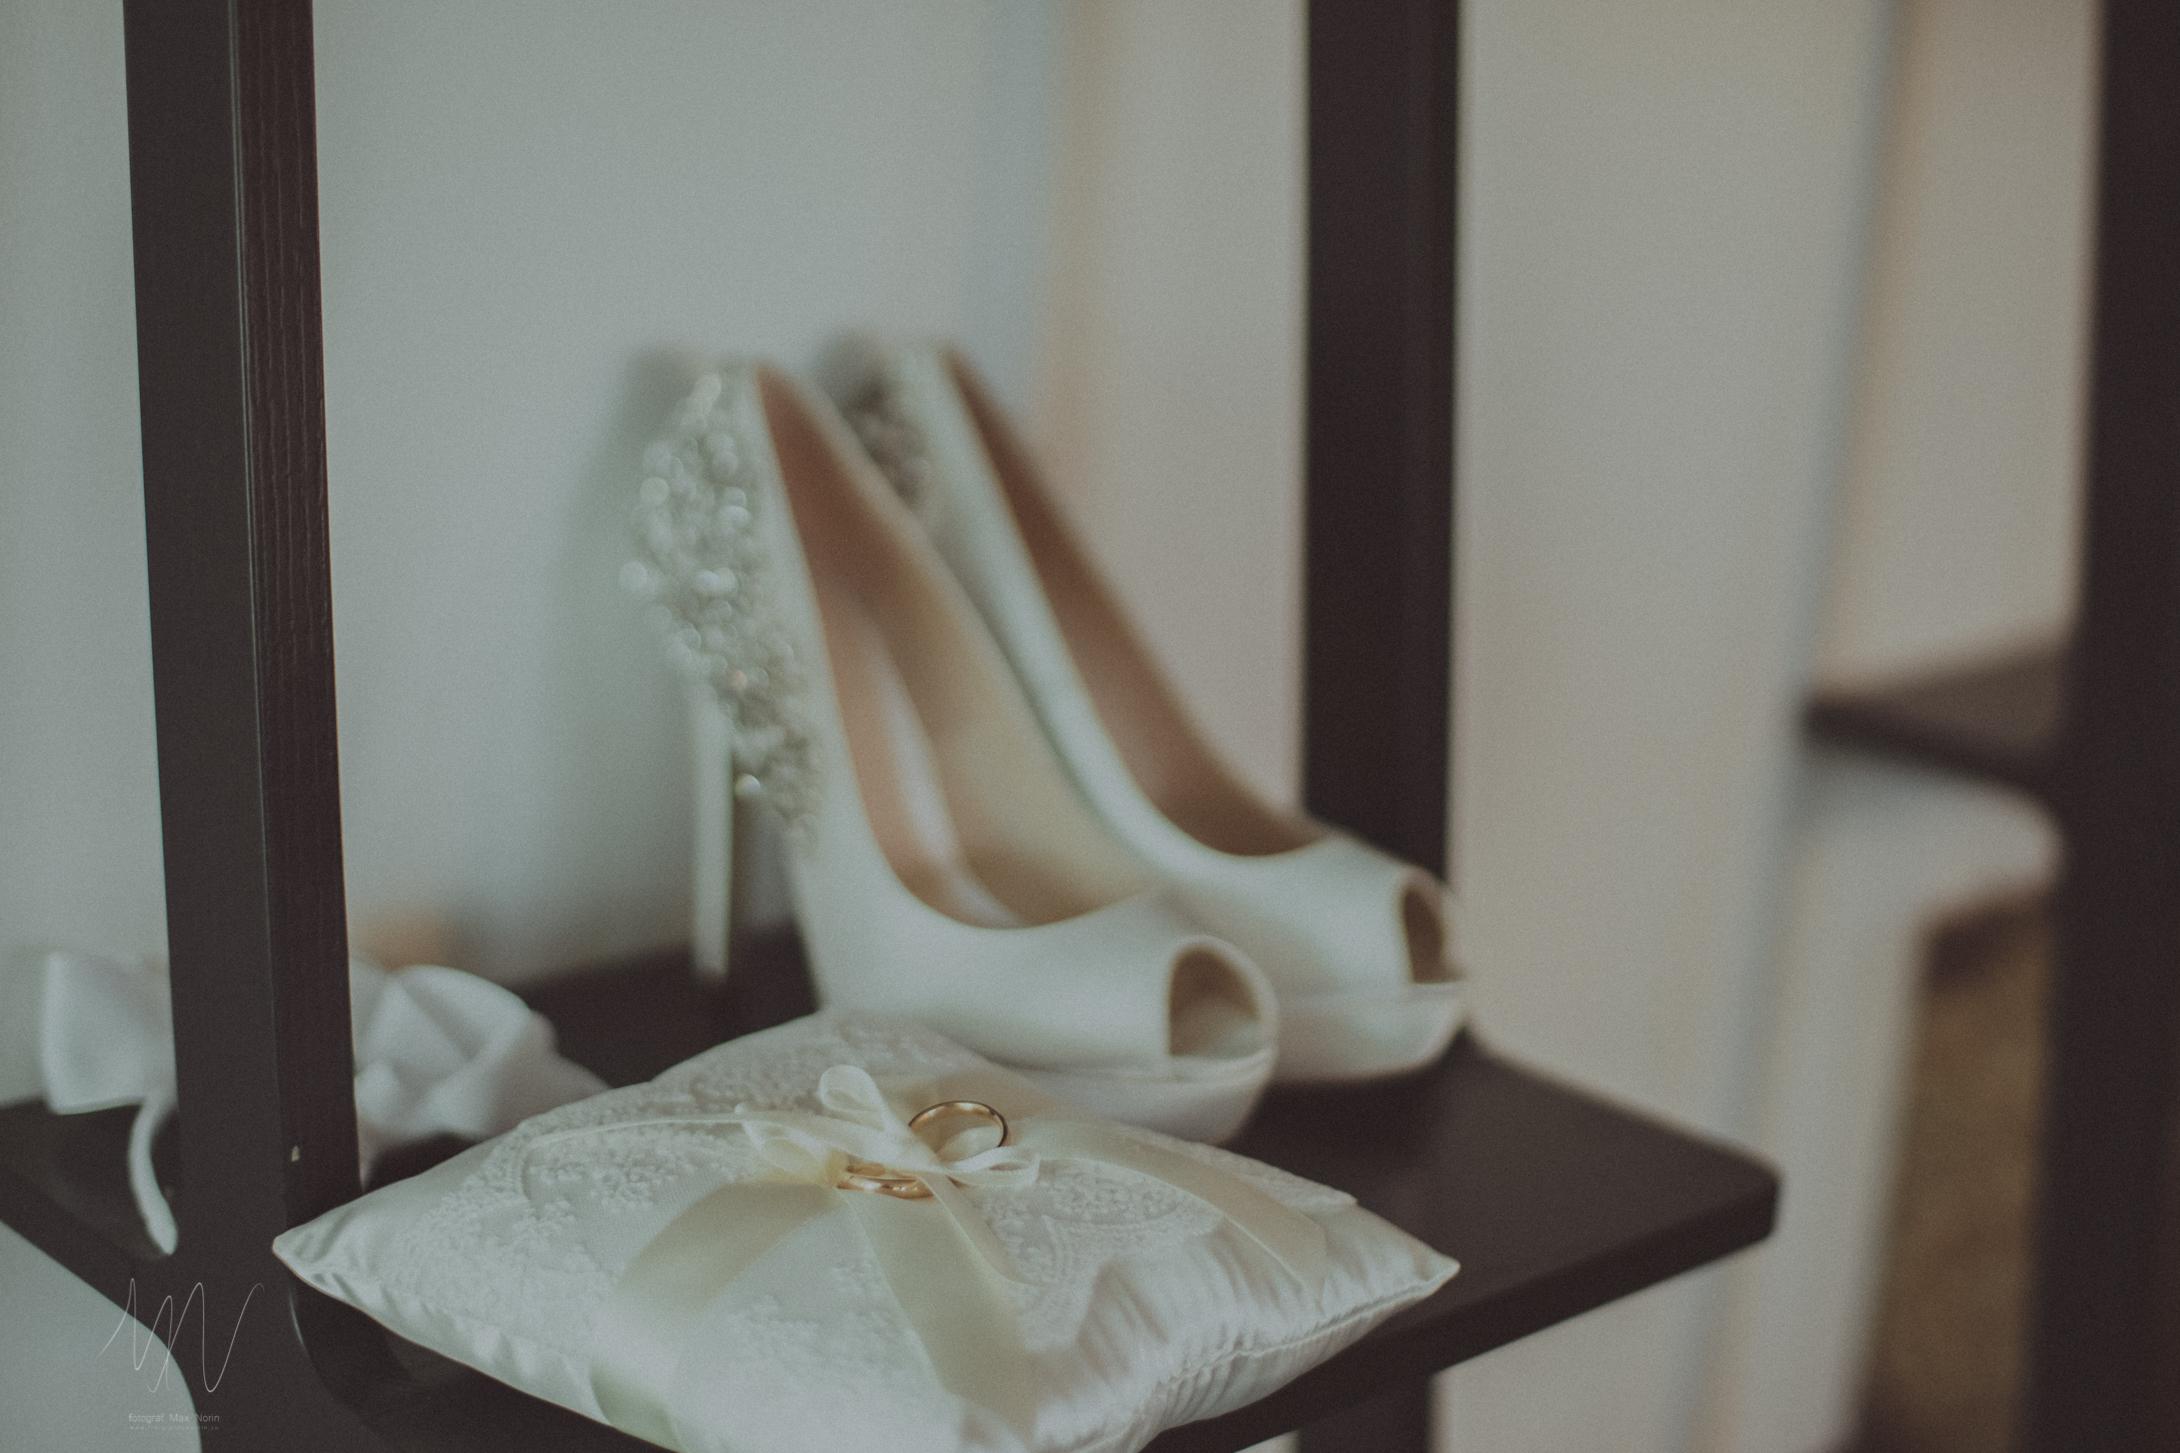 bröllopsfoto-fotograf-max-norin-11.jpg